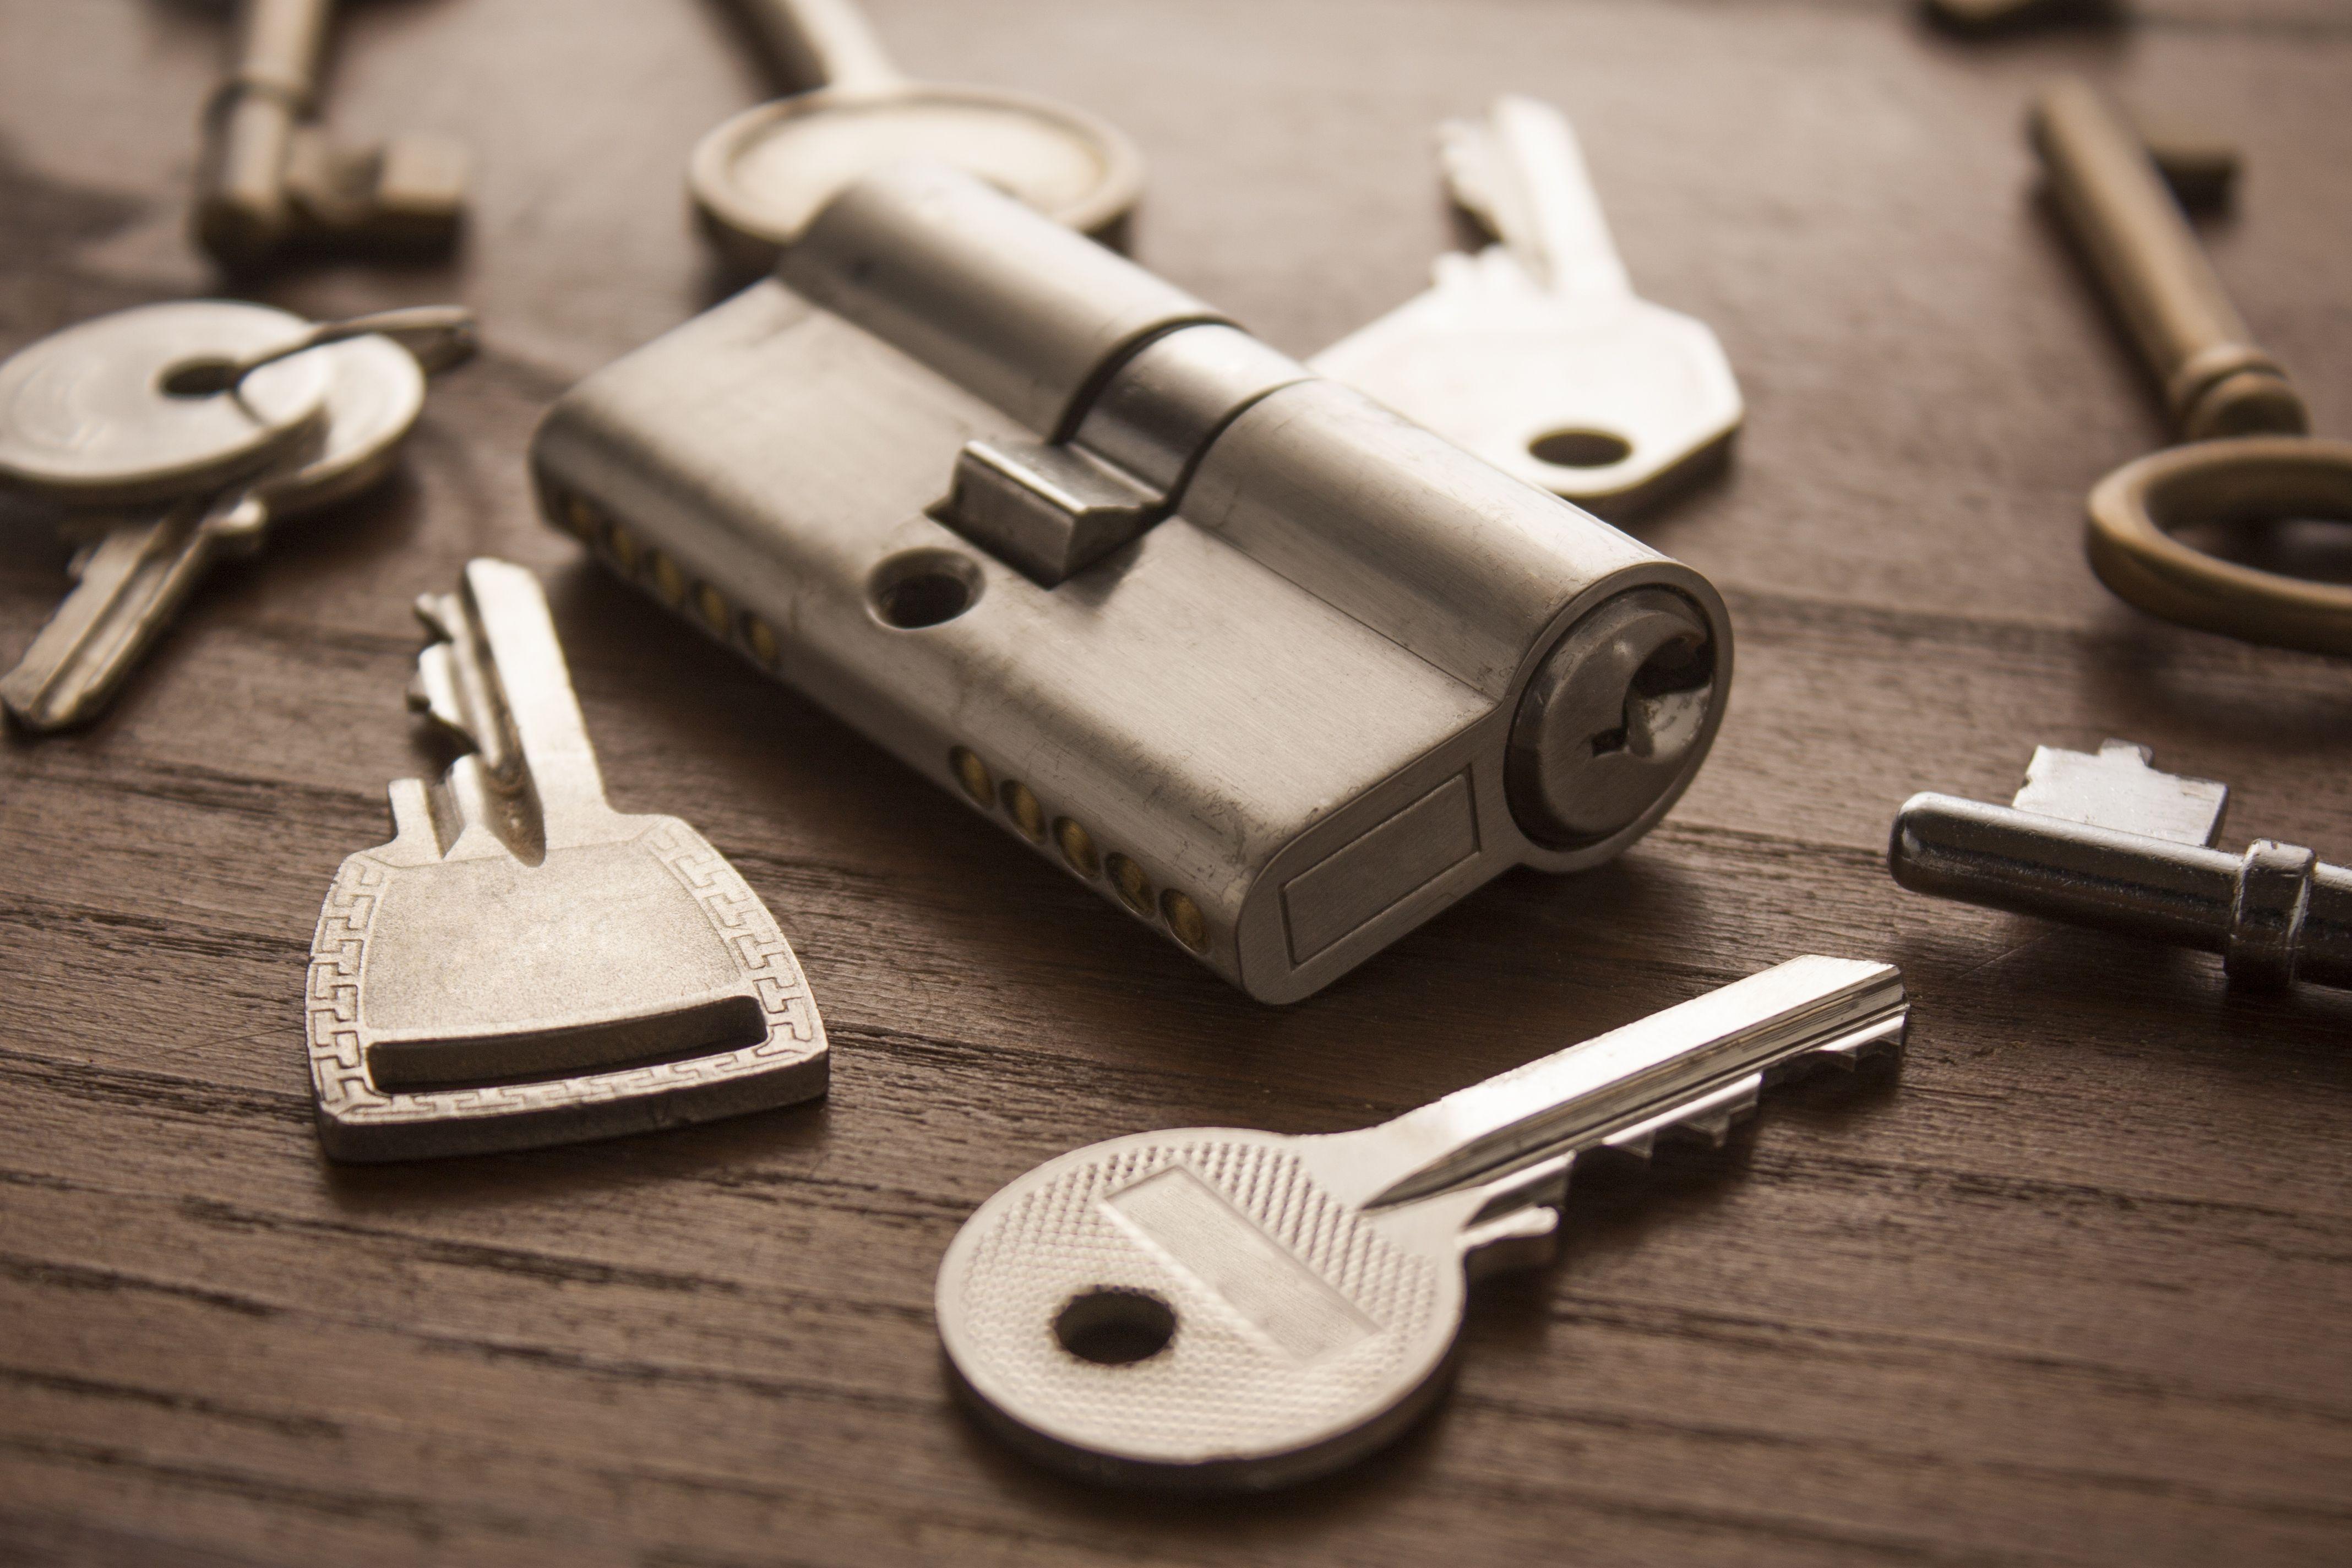 Todo tipo de llaves en Andratx